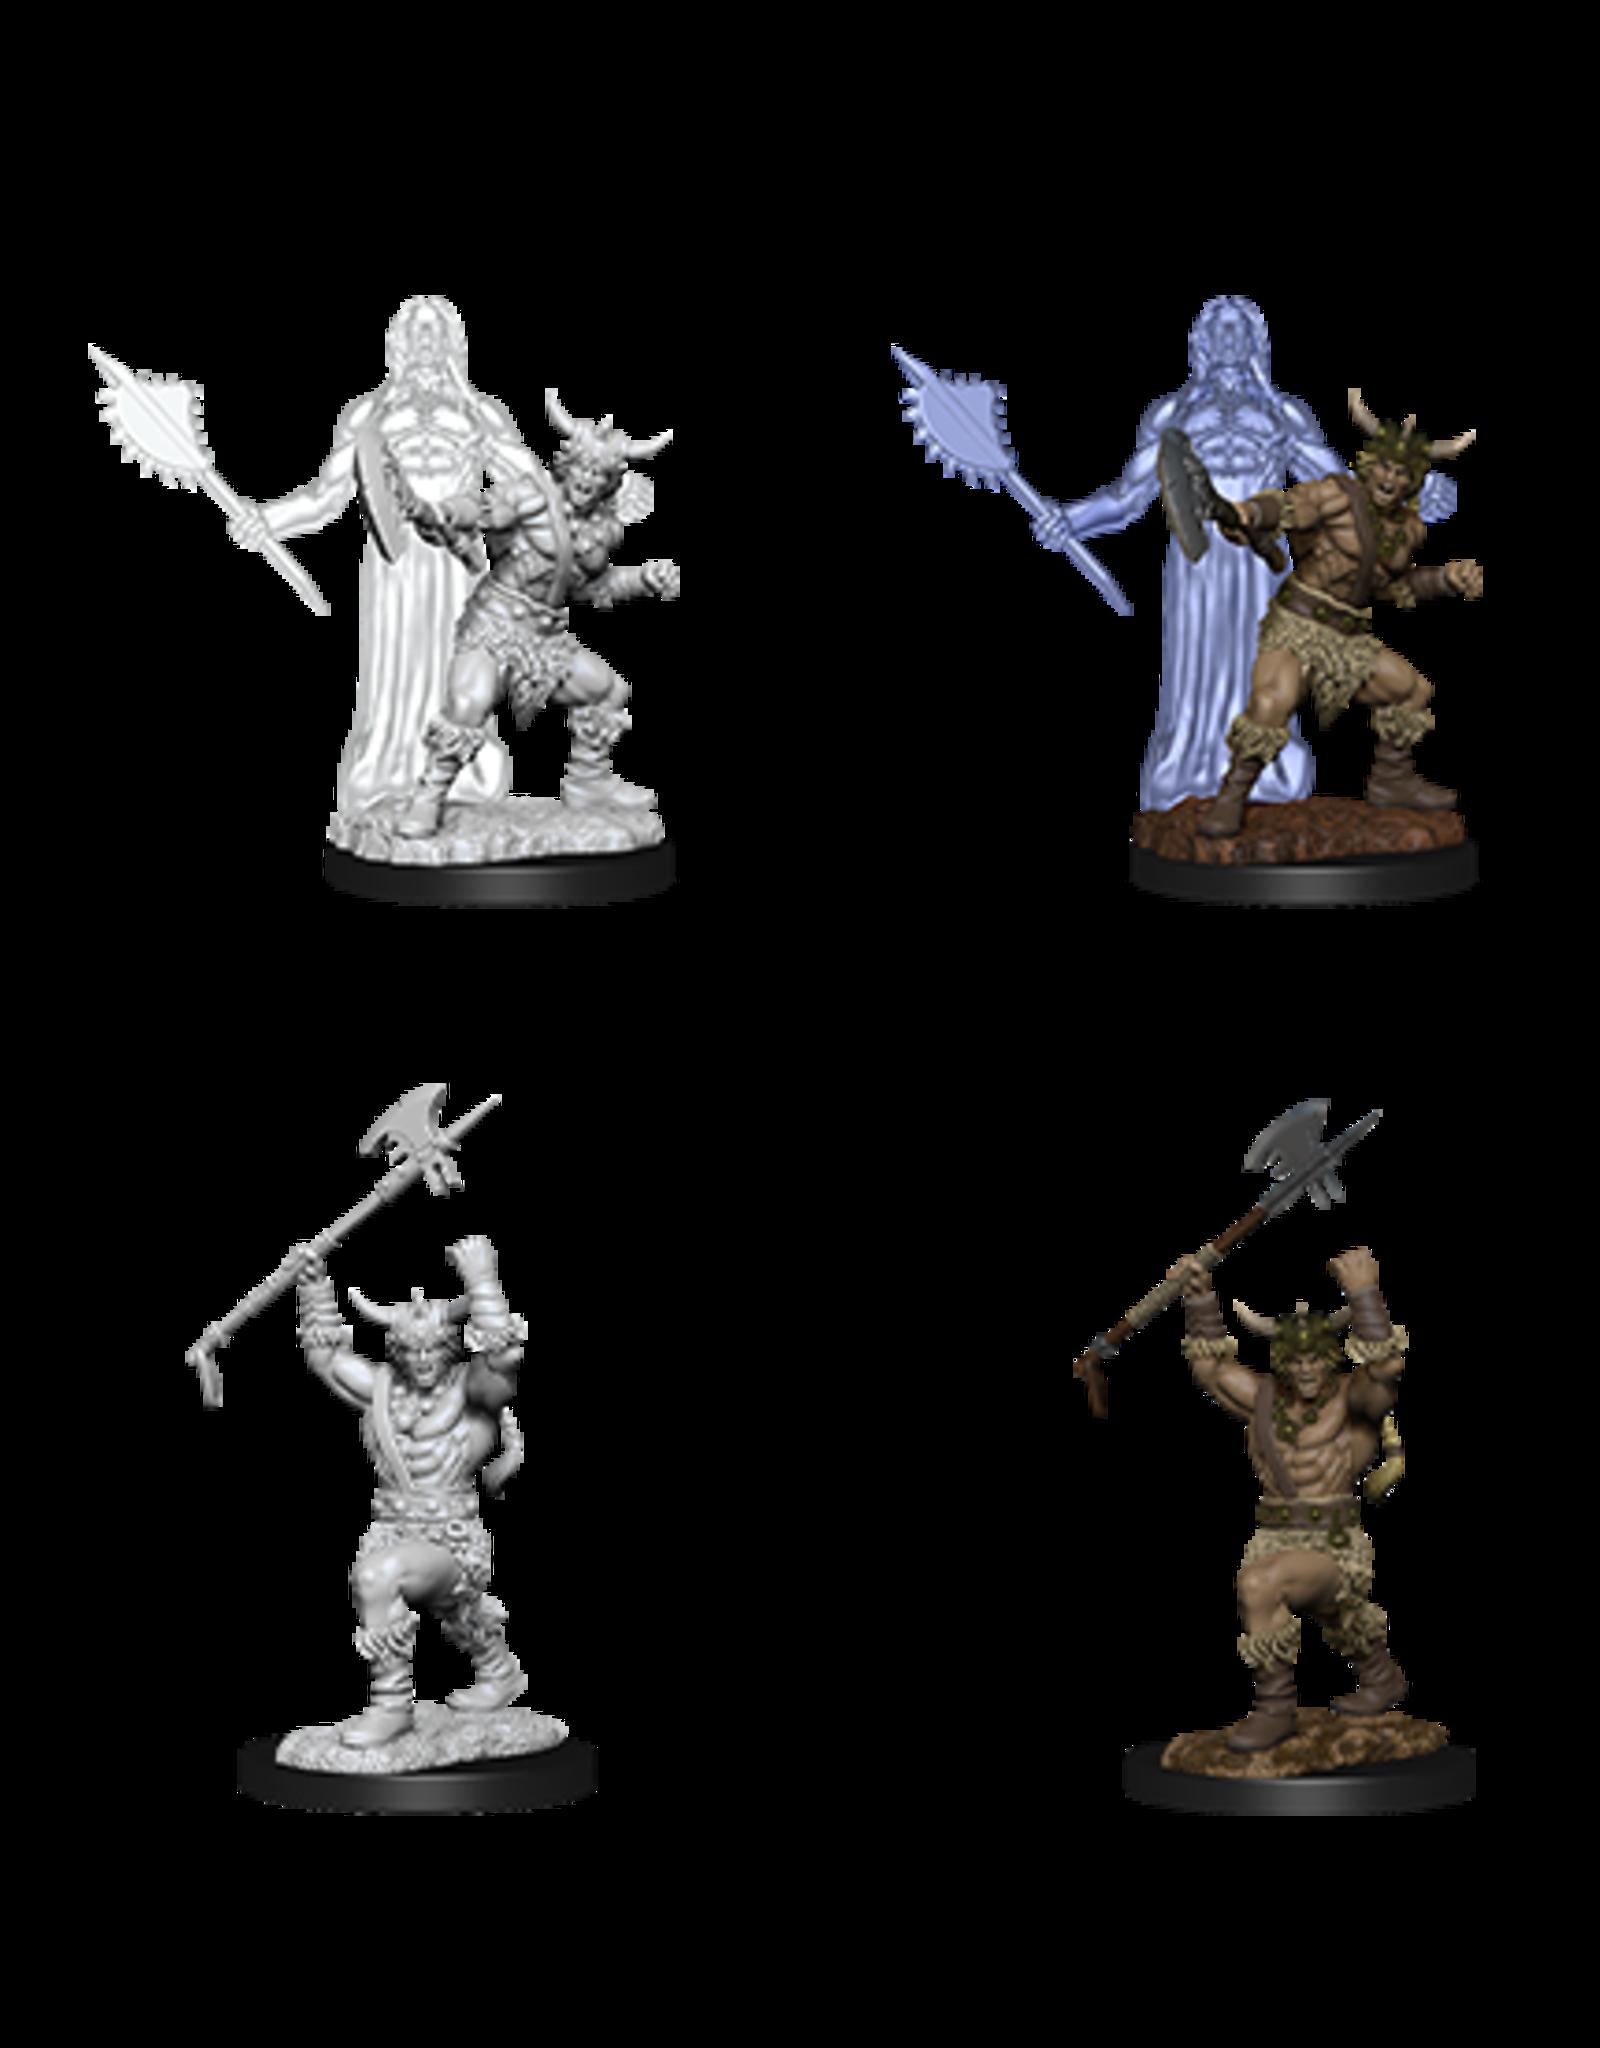 Nolzur's Marvelous Miniatures D&D D&D NMU - Male Human Barbarian